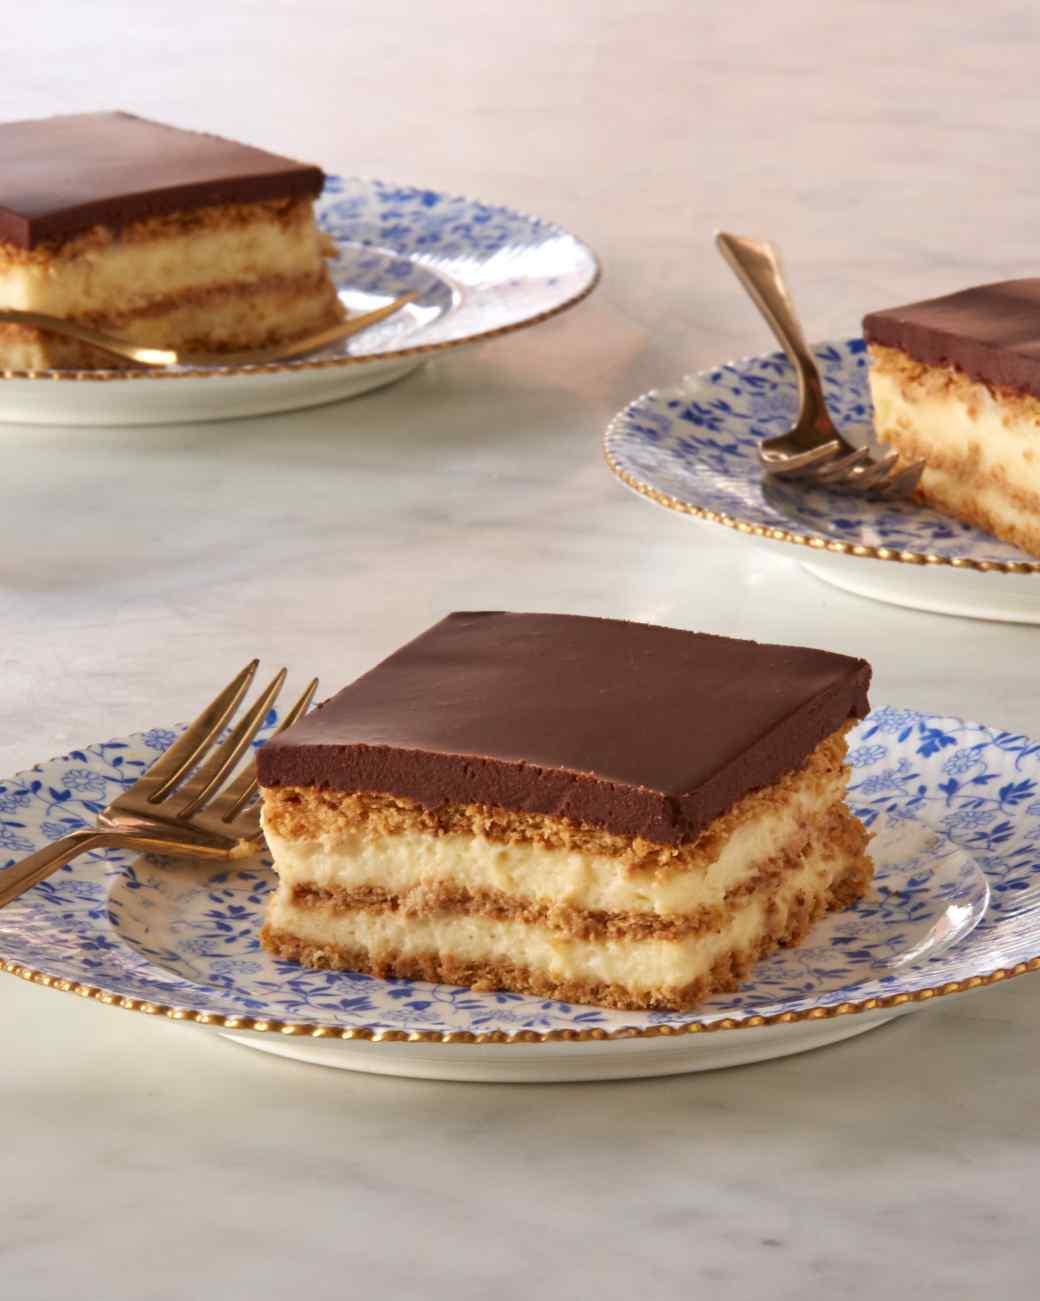 Шоколадный торт из крекеров и заварного крема от Марты Стюарт